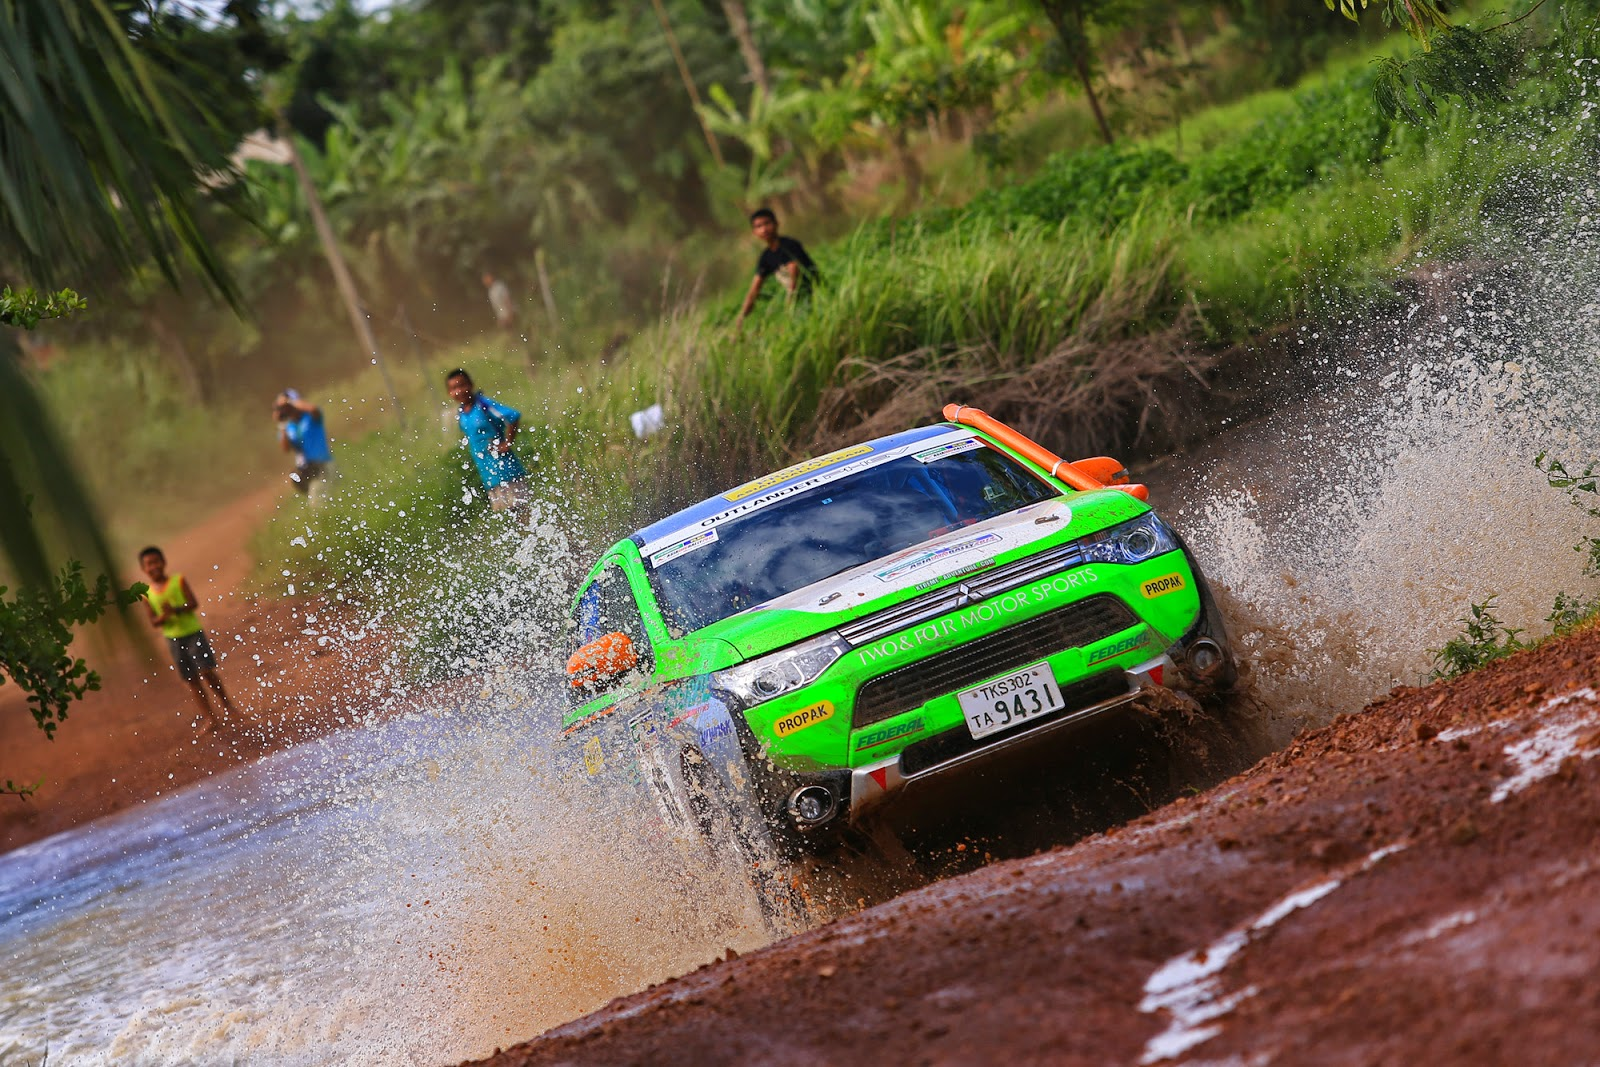 Το Mitsubishi Outlander PHEV στο 2014 Asia Cross Country Rally - Δεύτερη συνεχόμενη νίκη στην κατηγορία ηλεκτρικών οχημάτων